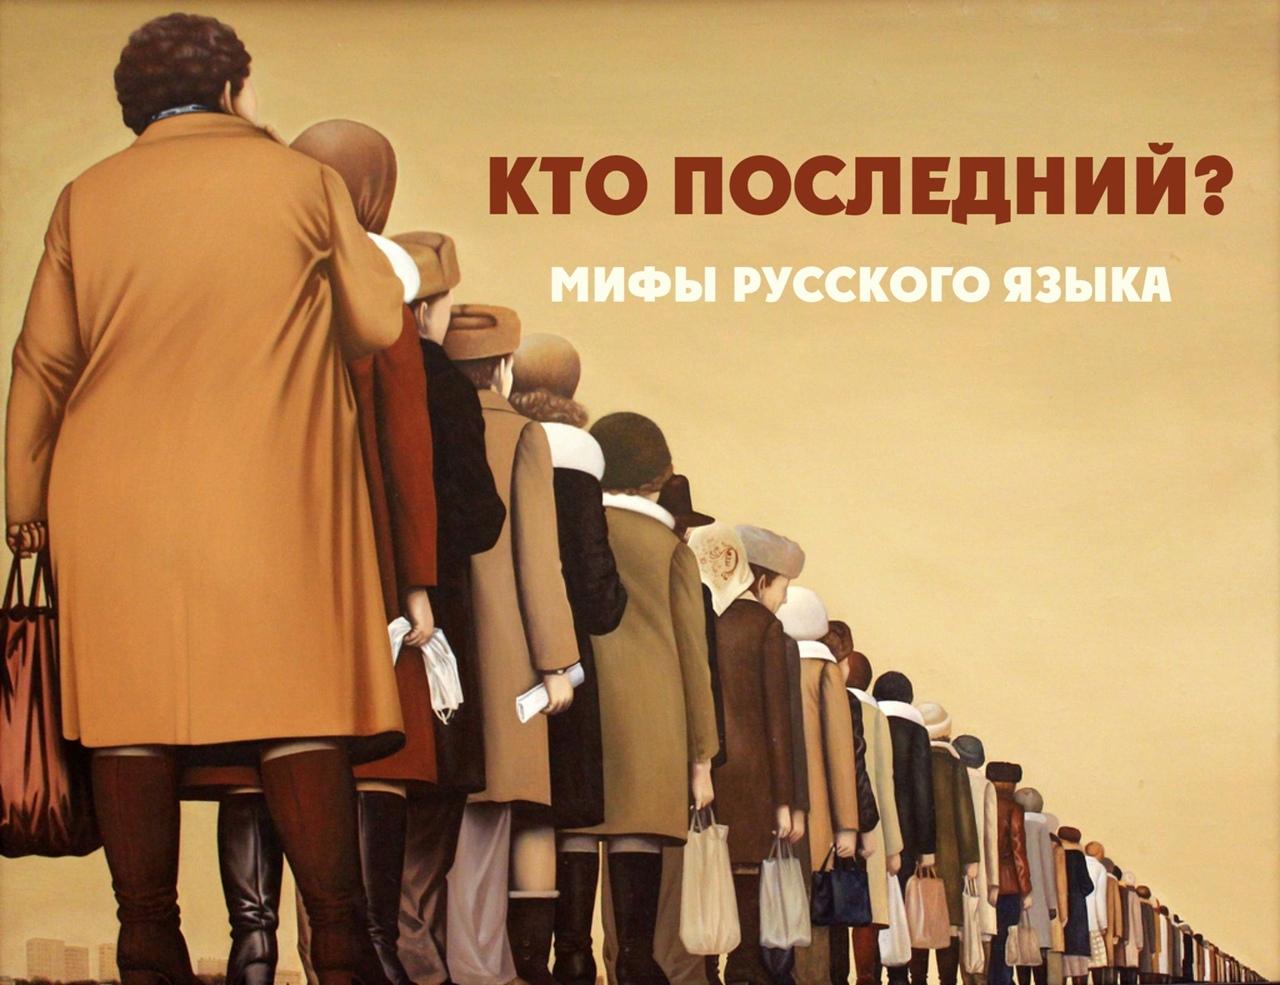 Мифы русского языка. «Крайний» и «присаживайтесь»